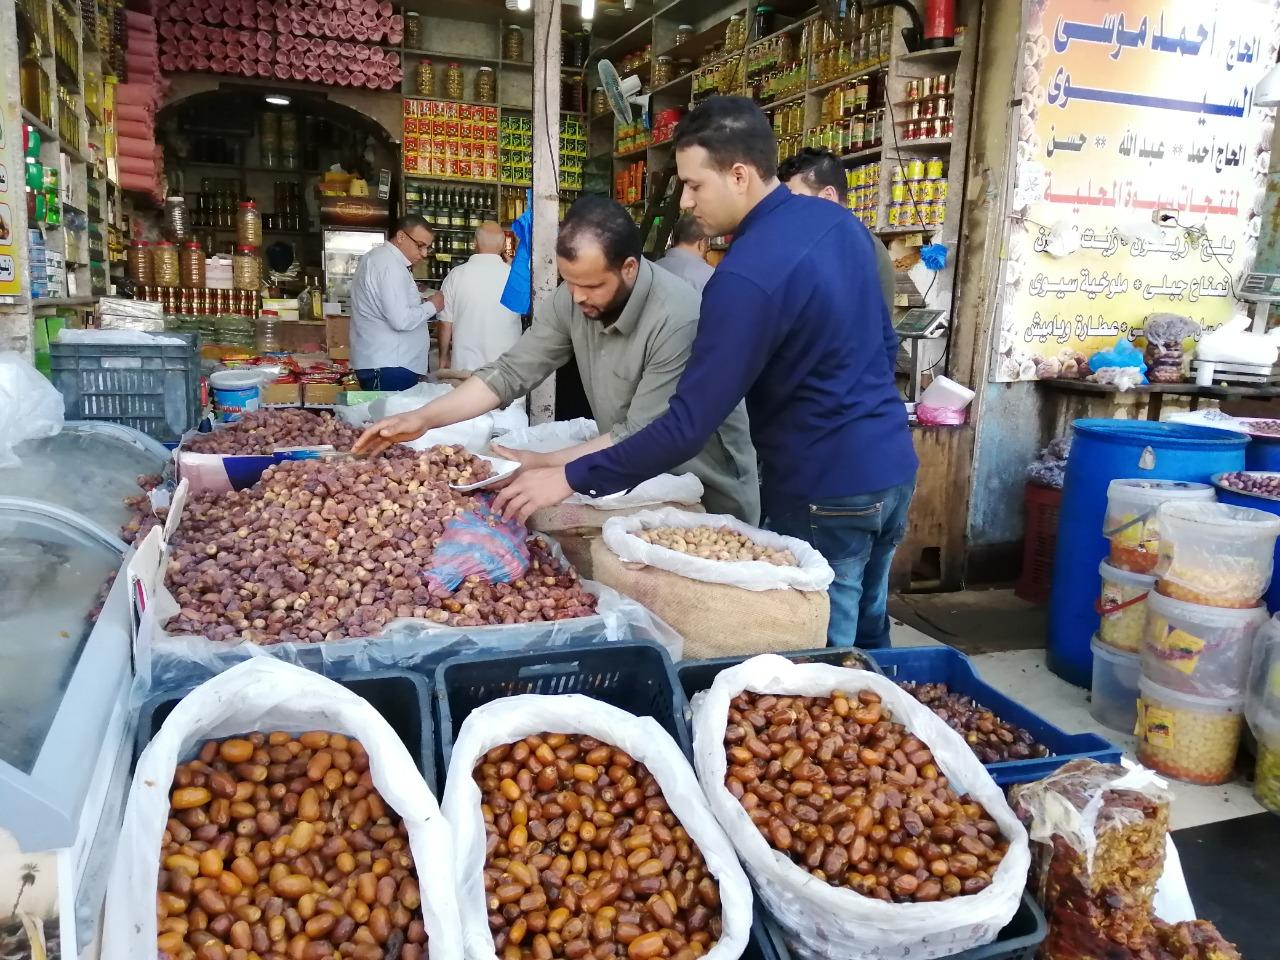 لح وزيتون مطروح يزين معظم الموائد المصرية خلال شهر رمضان (3)